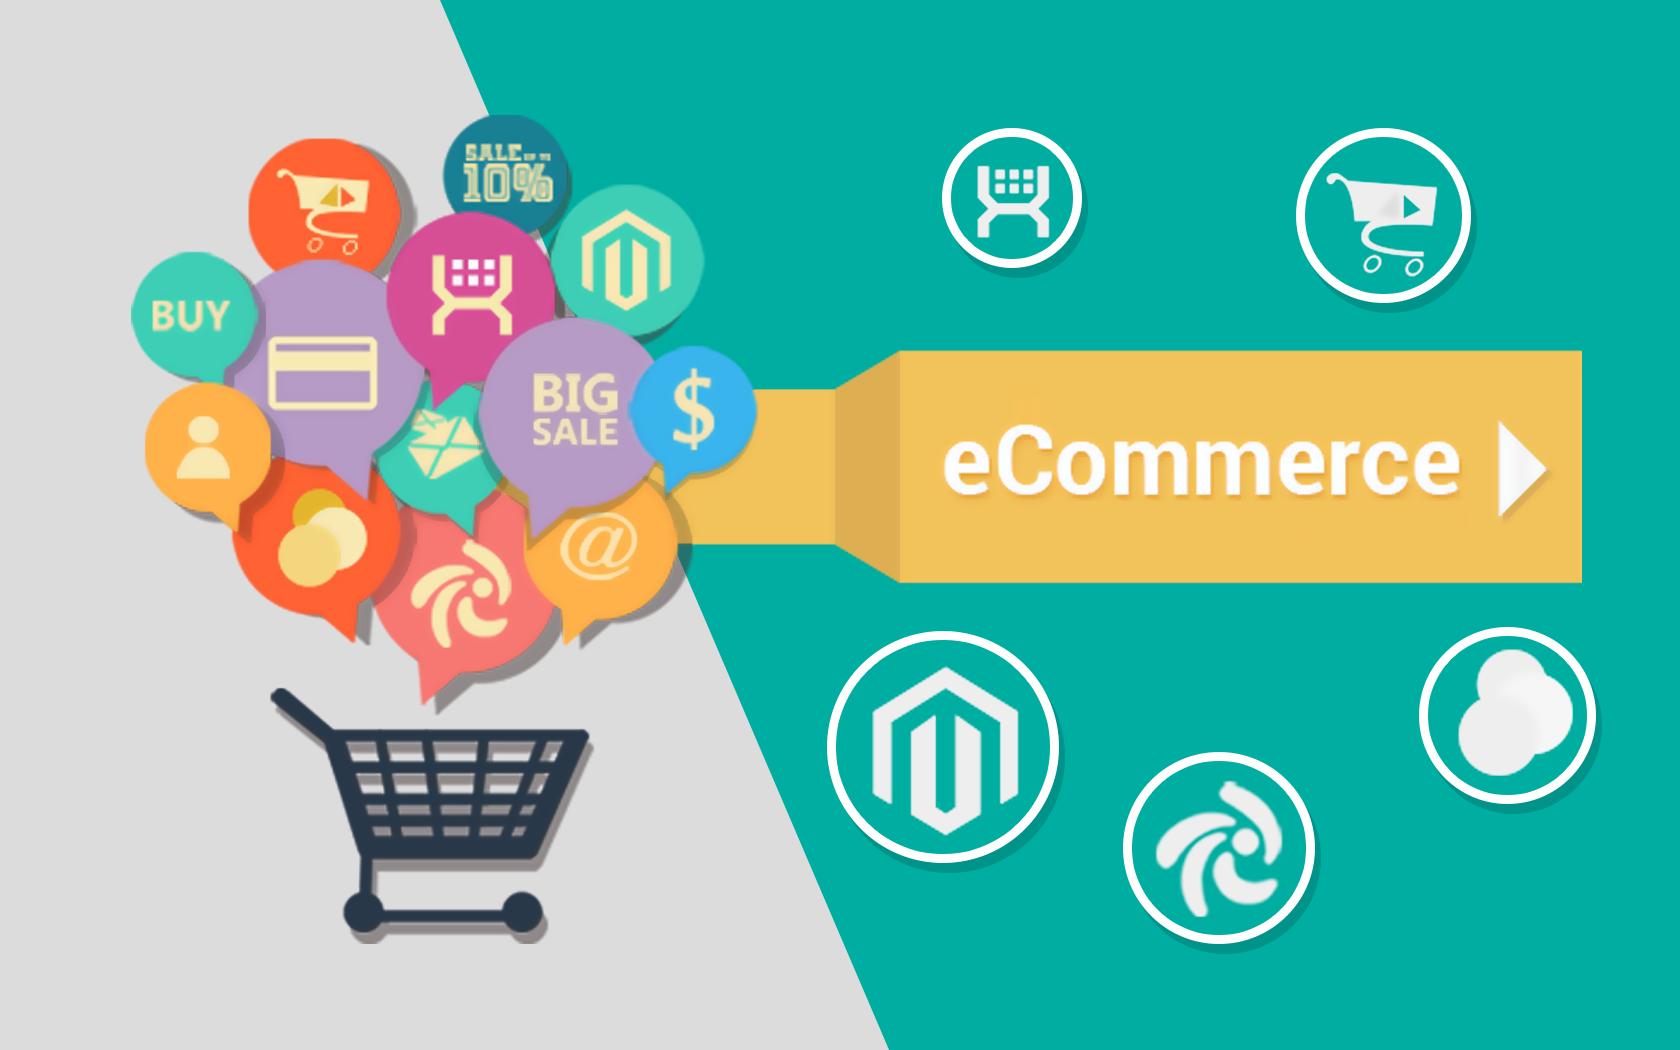 start your E-commerce business